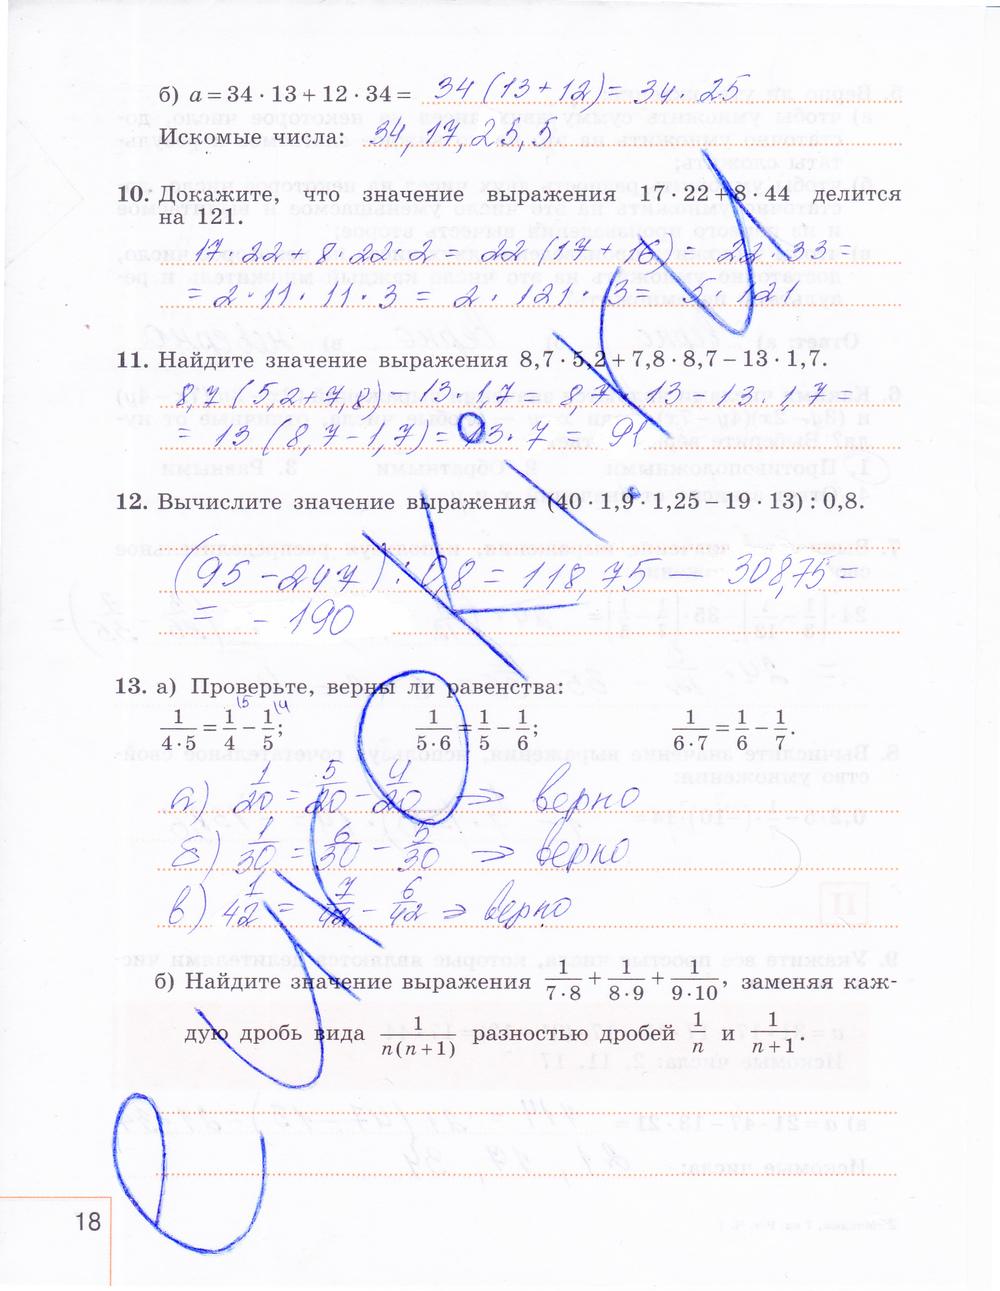 Решение задачи 19 миндюк шлыкова алгебра рабочая тетрадь 7 класс